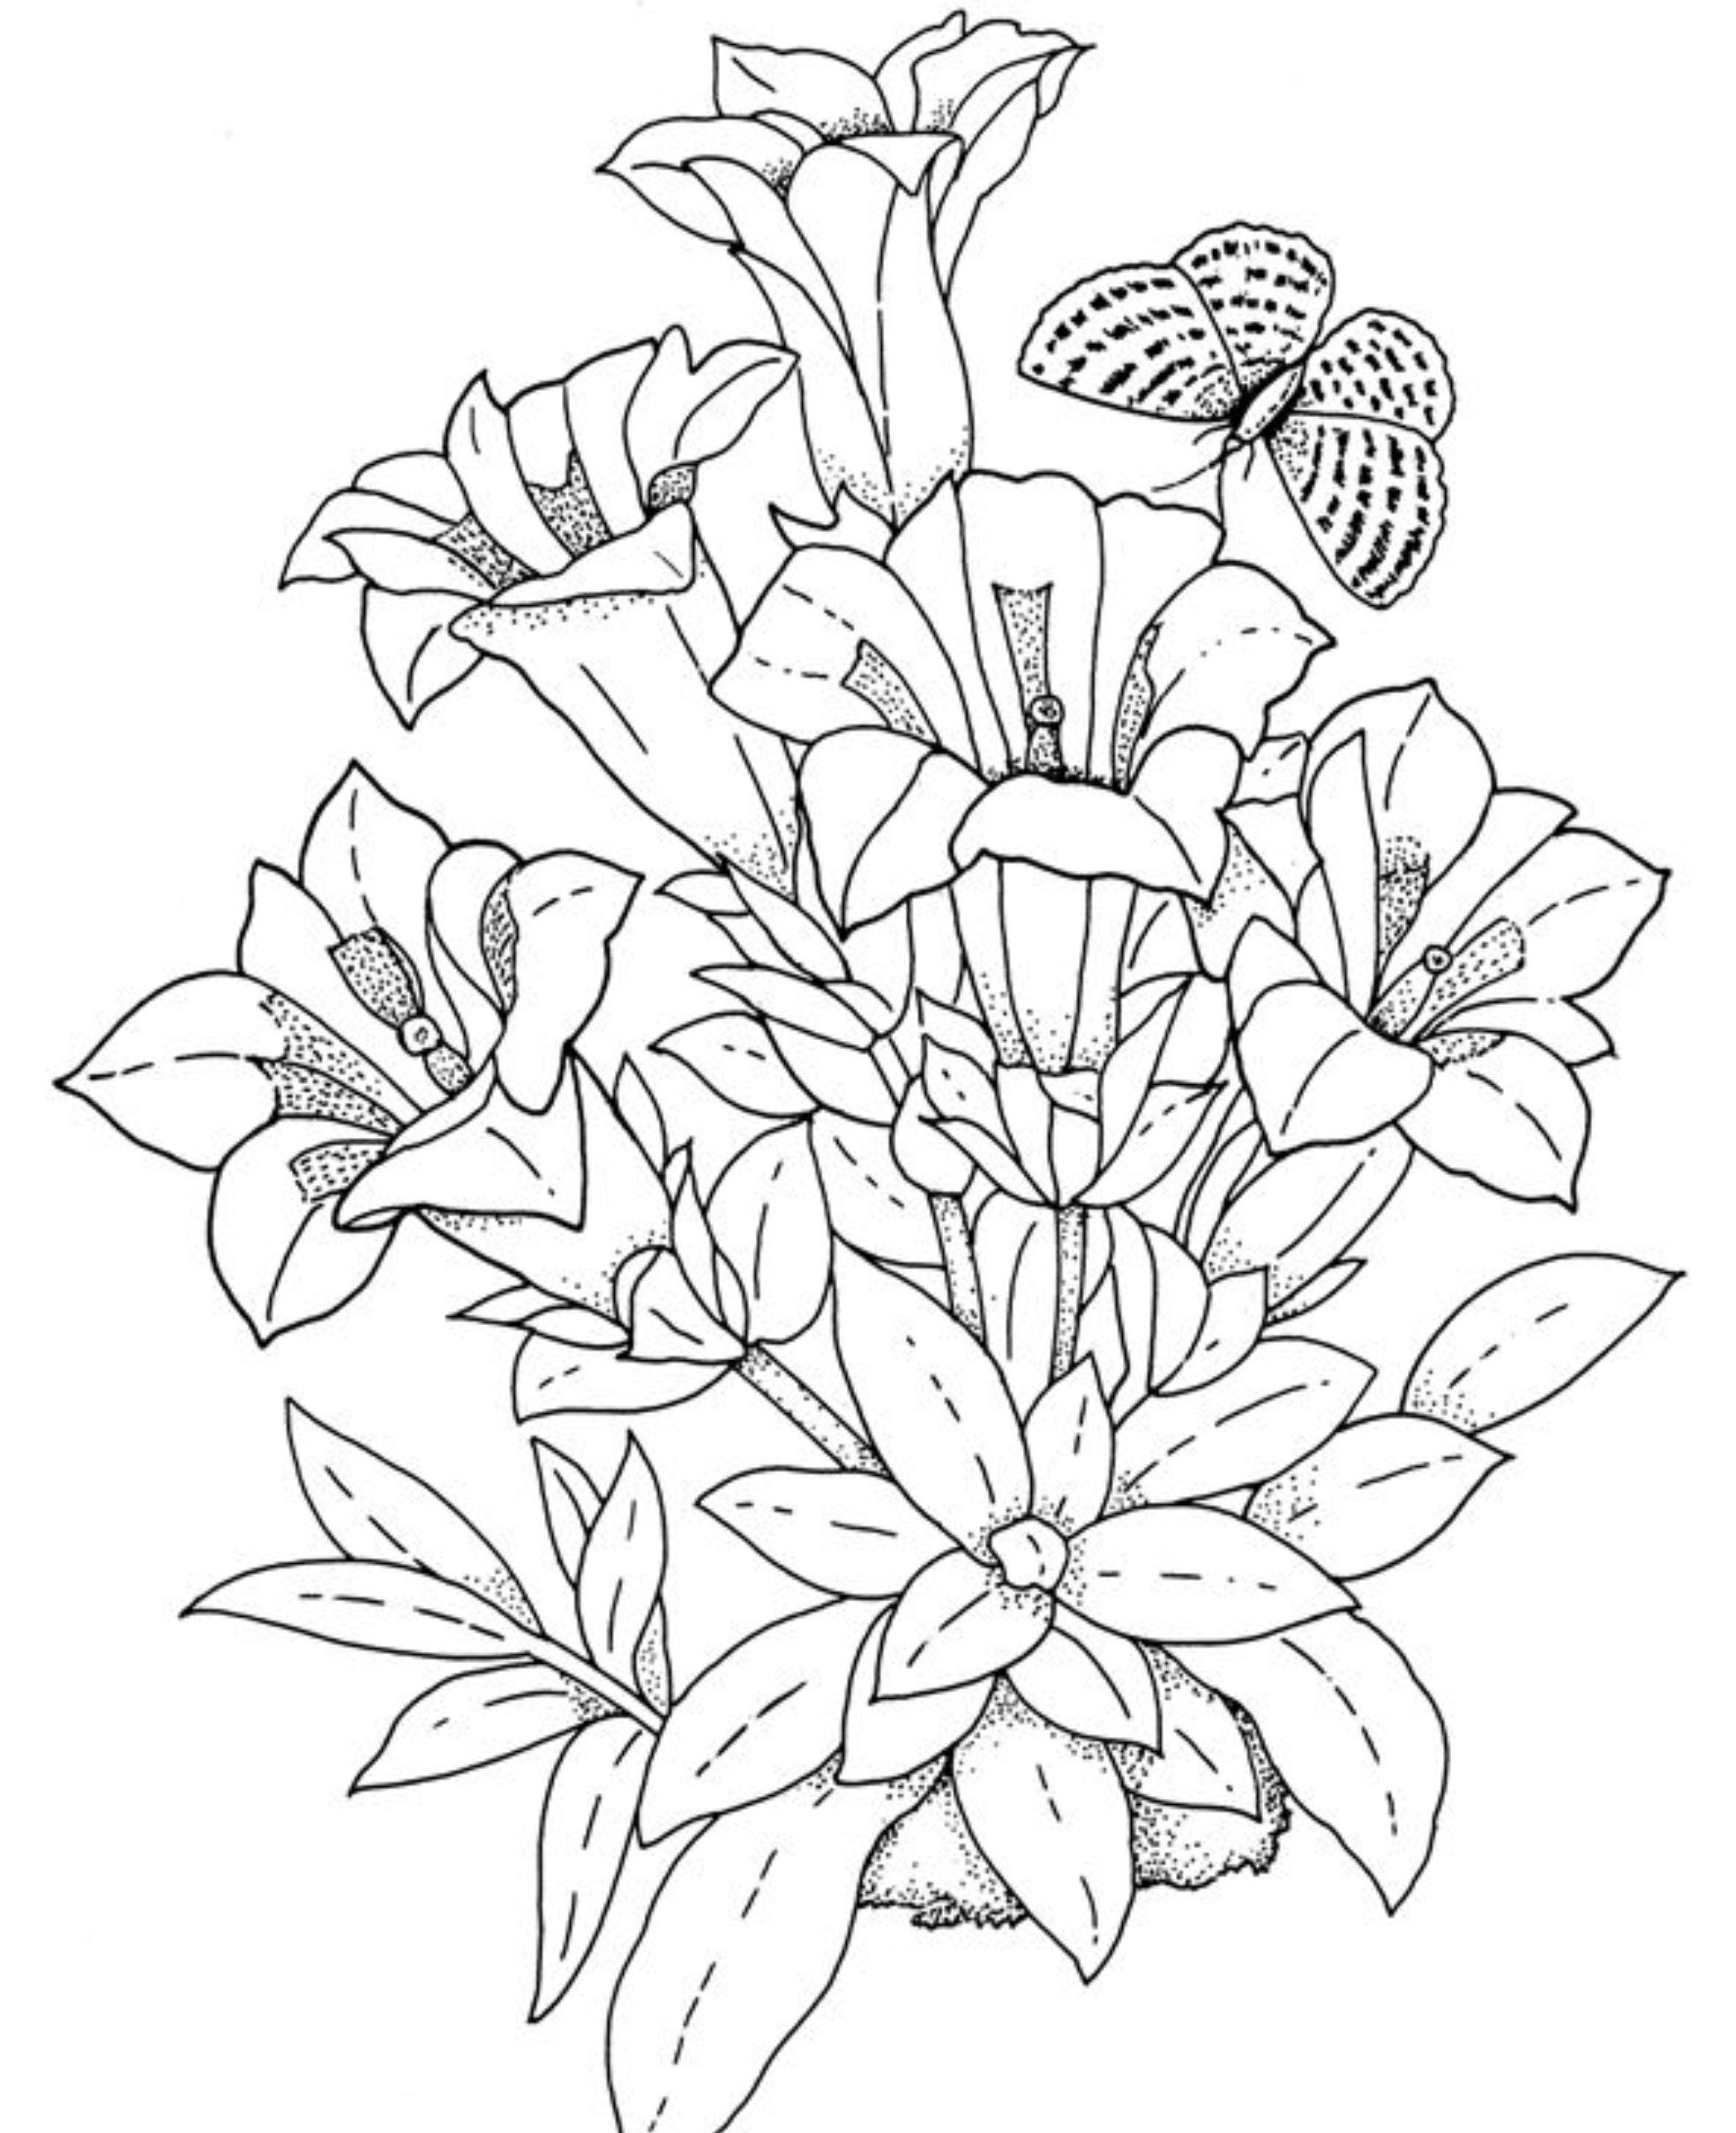 Бабочка над колокольчиками Раскраски для взрослых скачать